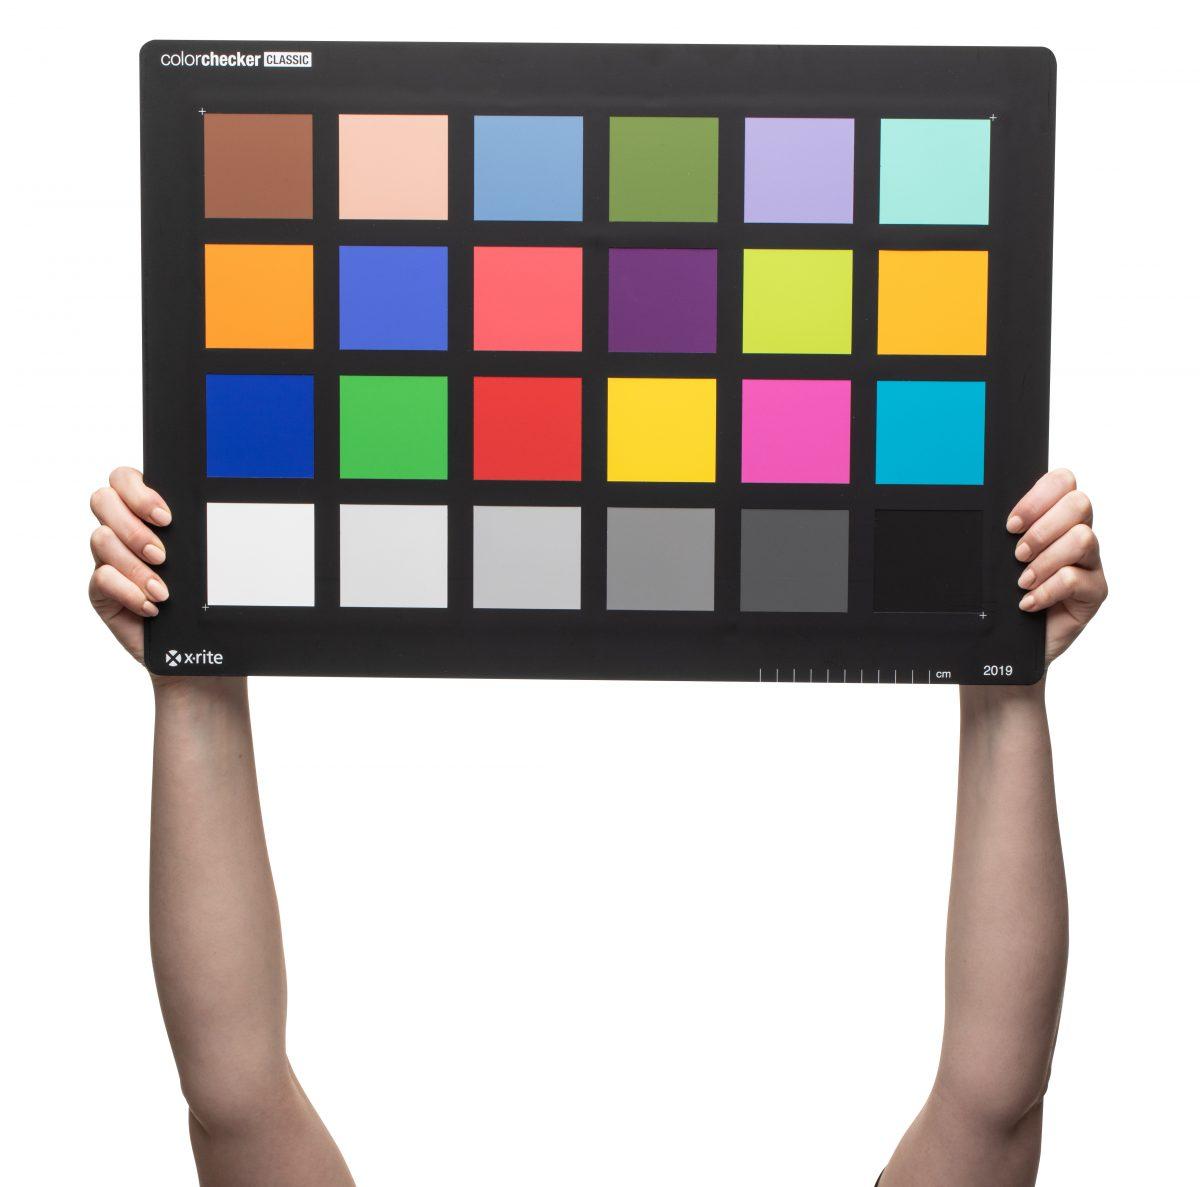 Neue Colorchecker-Größen